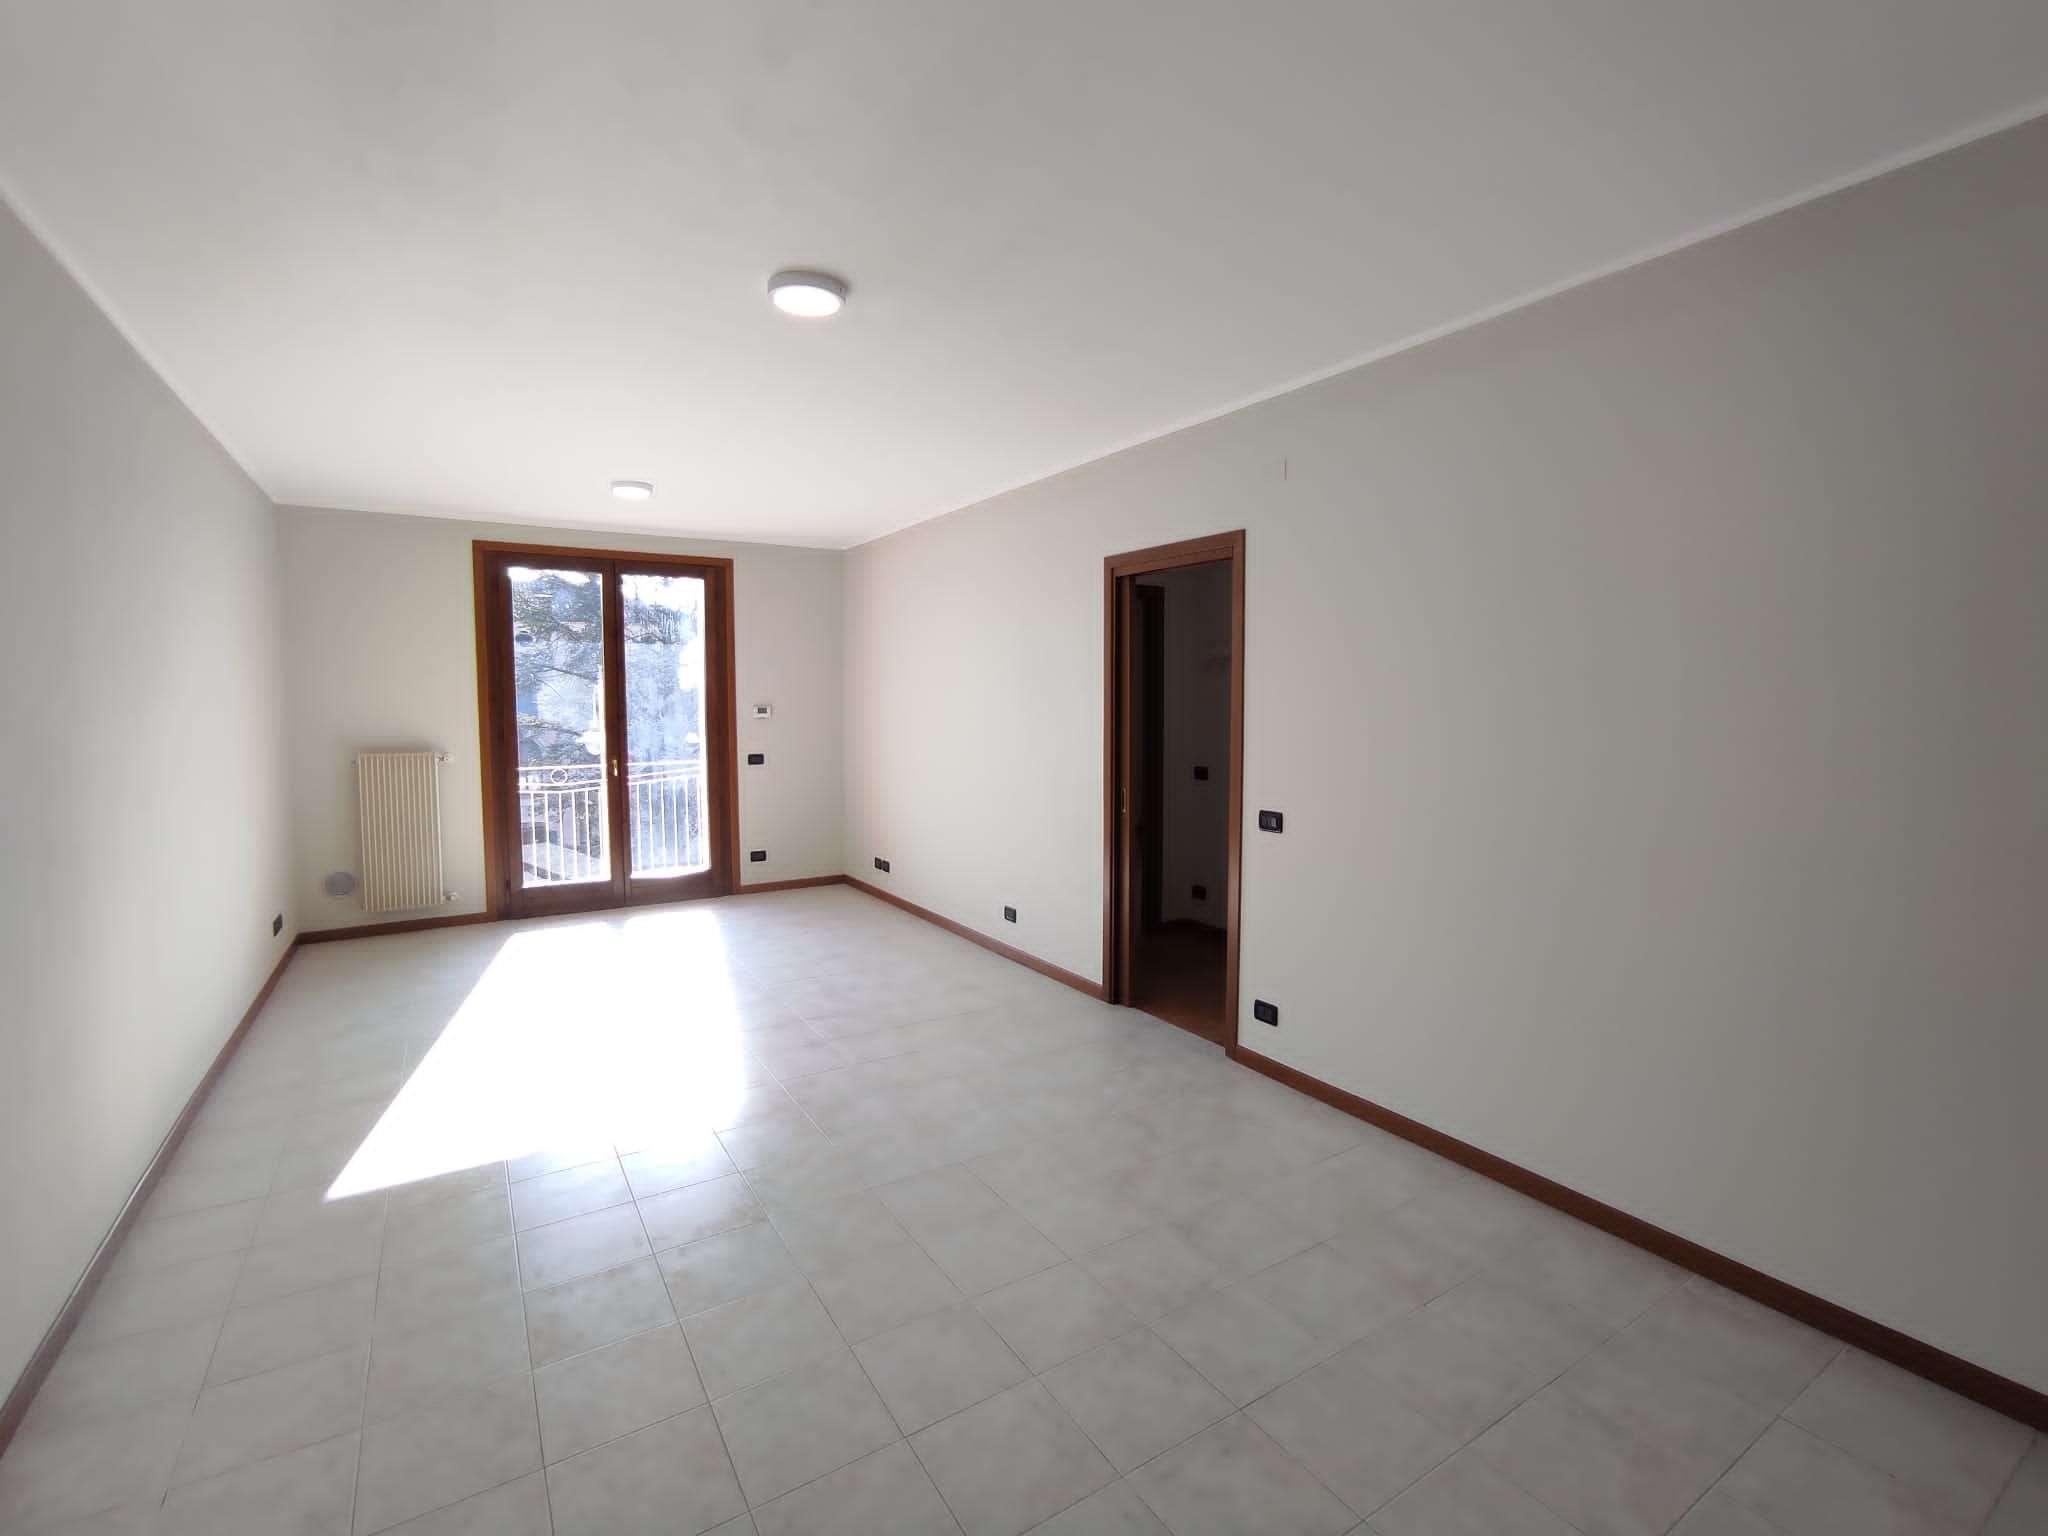 Appartamento in vendita a Motta di Livenza, 4 locali, prezzo € 125.000 | PortaleAgenzieImmobiliari.it